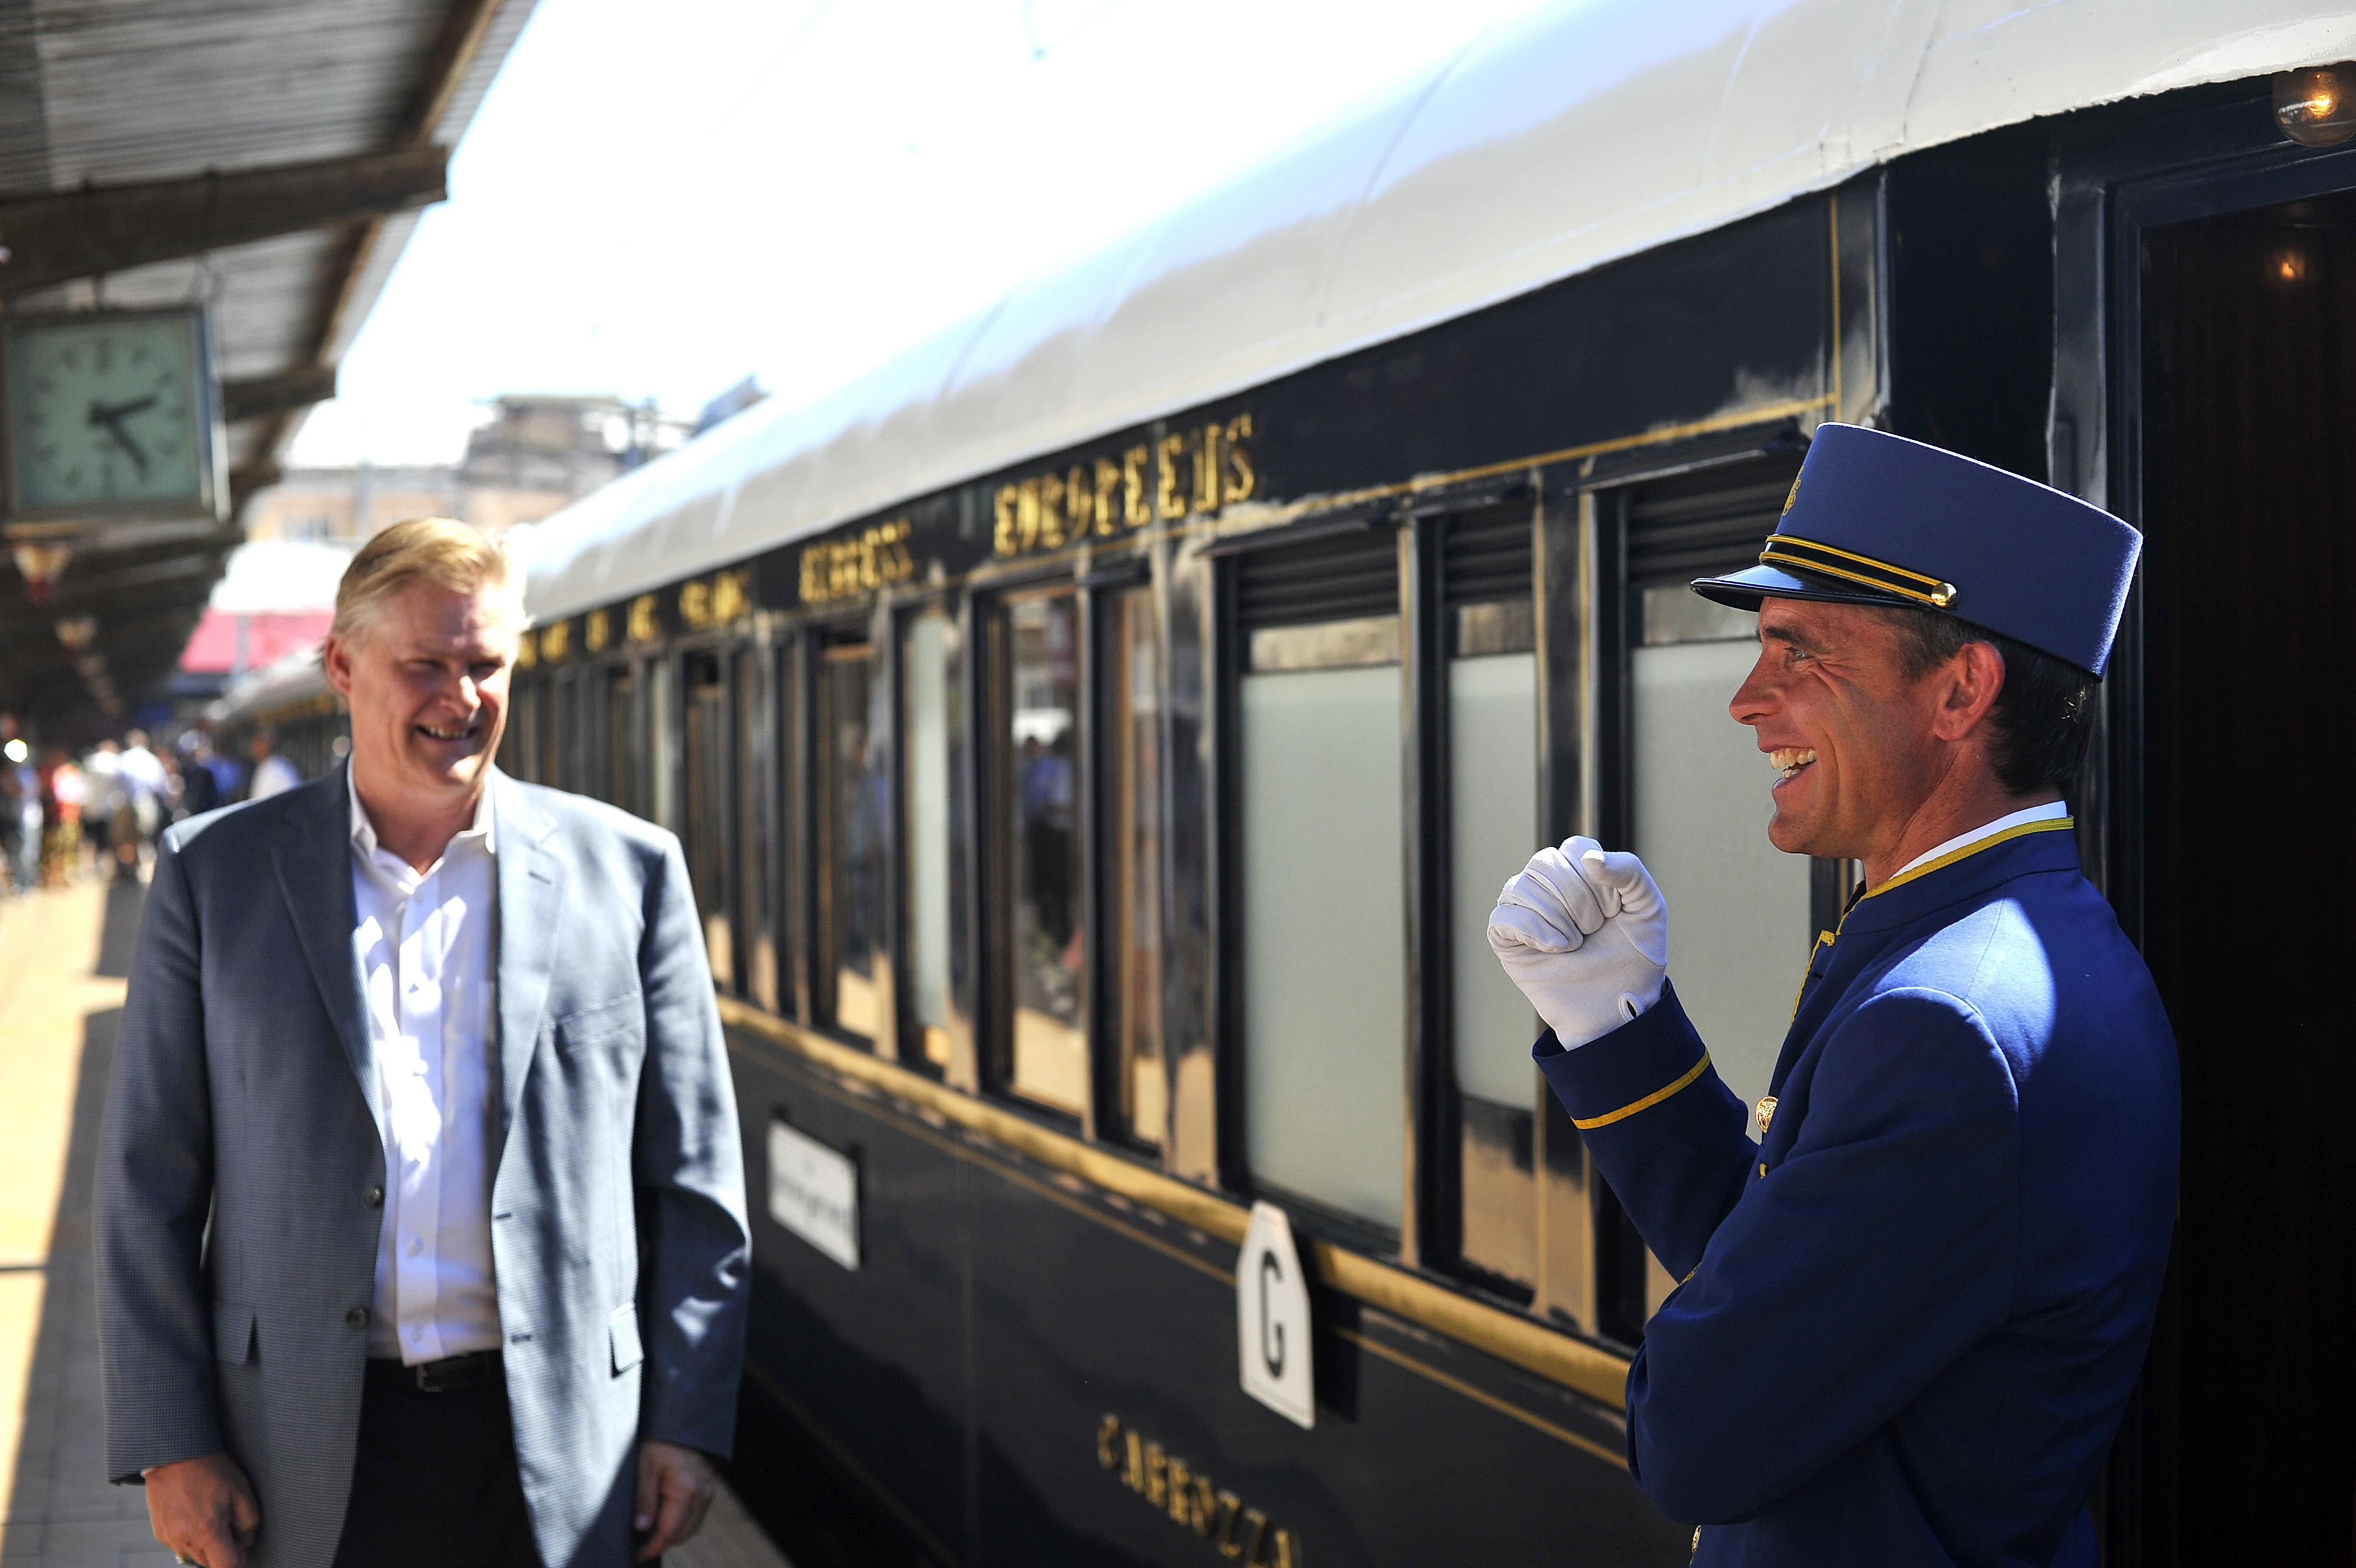 Trenul Orient Express a plecat din Sighisoara cu trei geamuri sparte